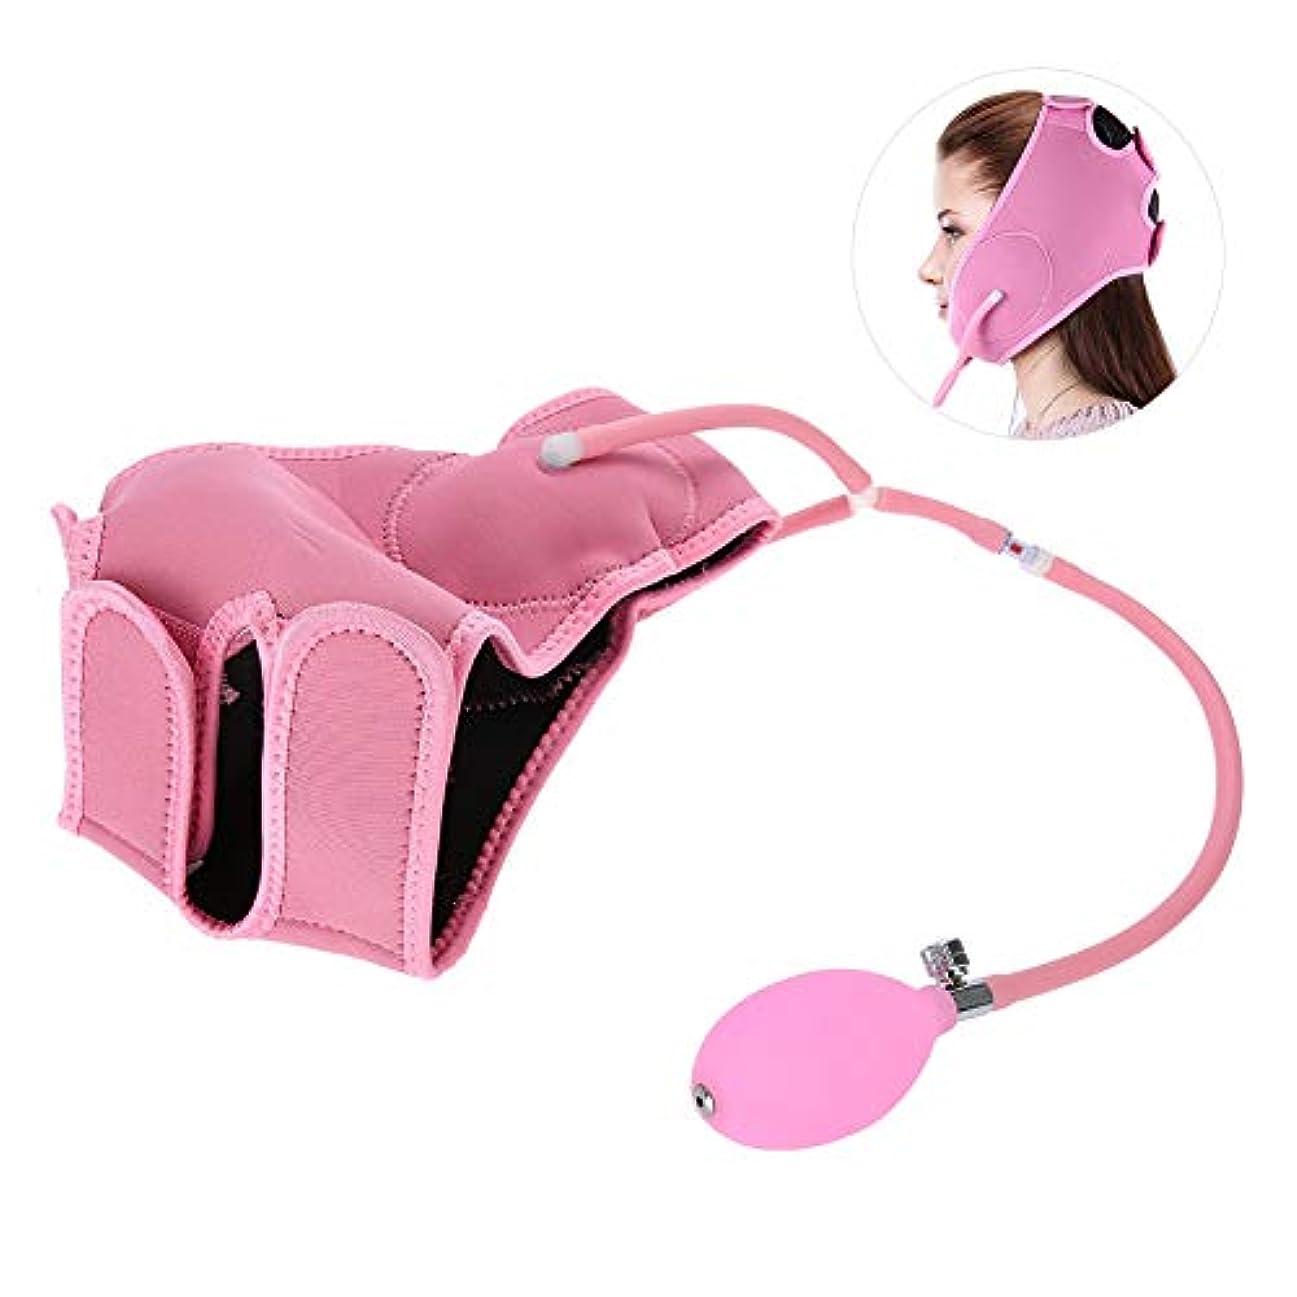 ちらつき懐橋脚エアバッグ、美顔術および細くおよび顔の持ち上がることのための是正包帯が付いている顔の修正マスク